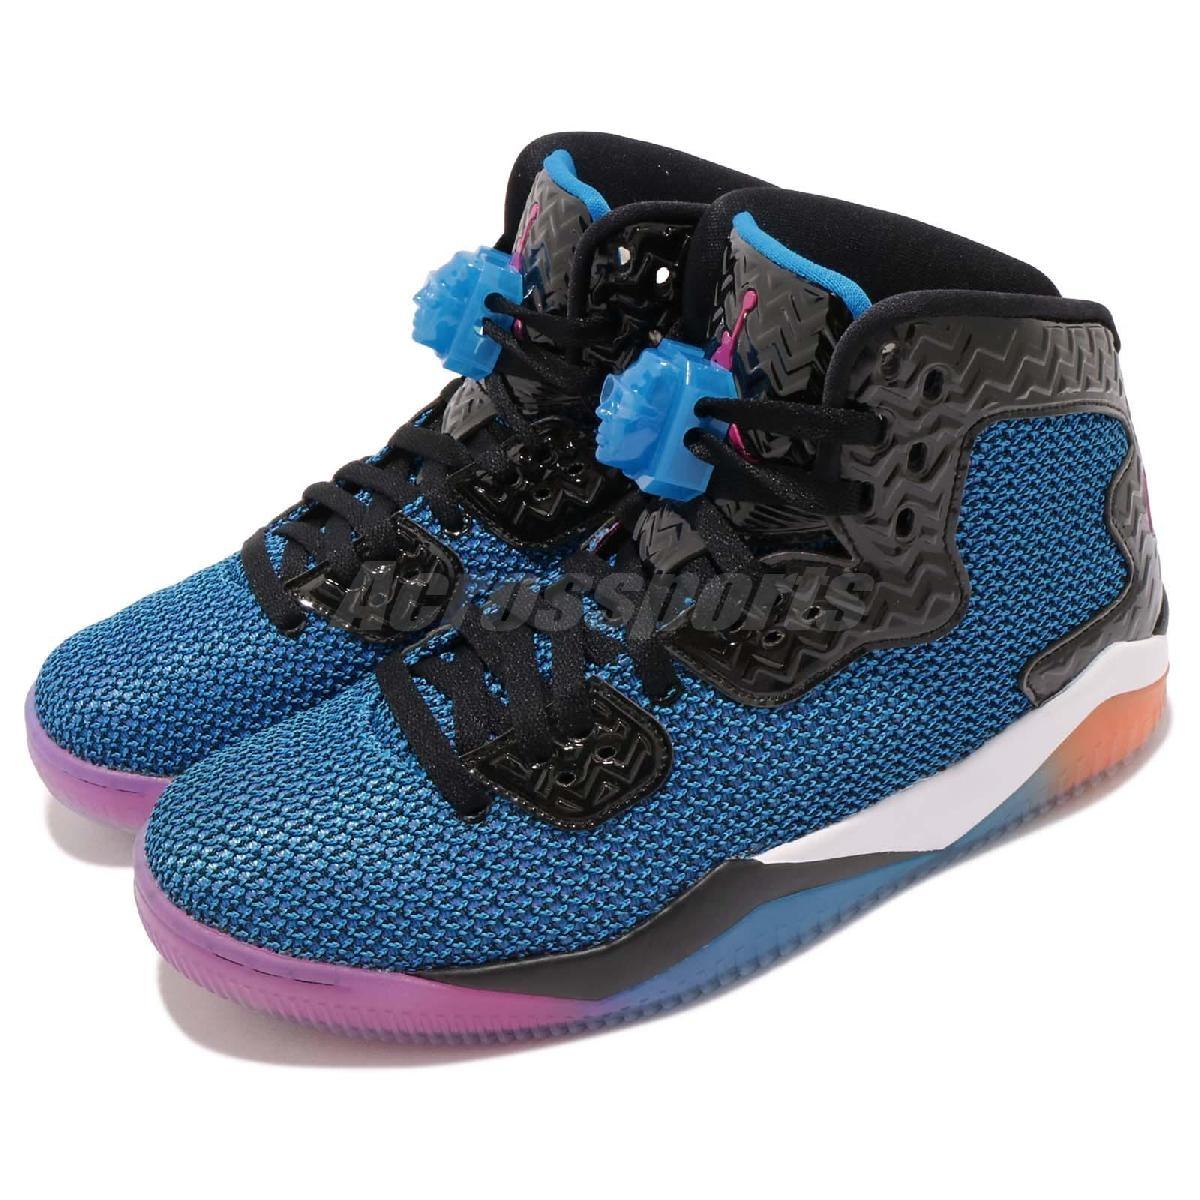 Nike籃球鞋Air Jordan Spike Forty AJ LEE喬丹飛人藍黑男鞋PUMP306 819952-029